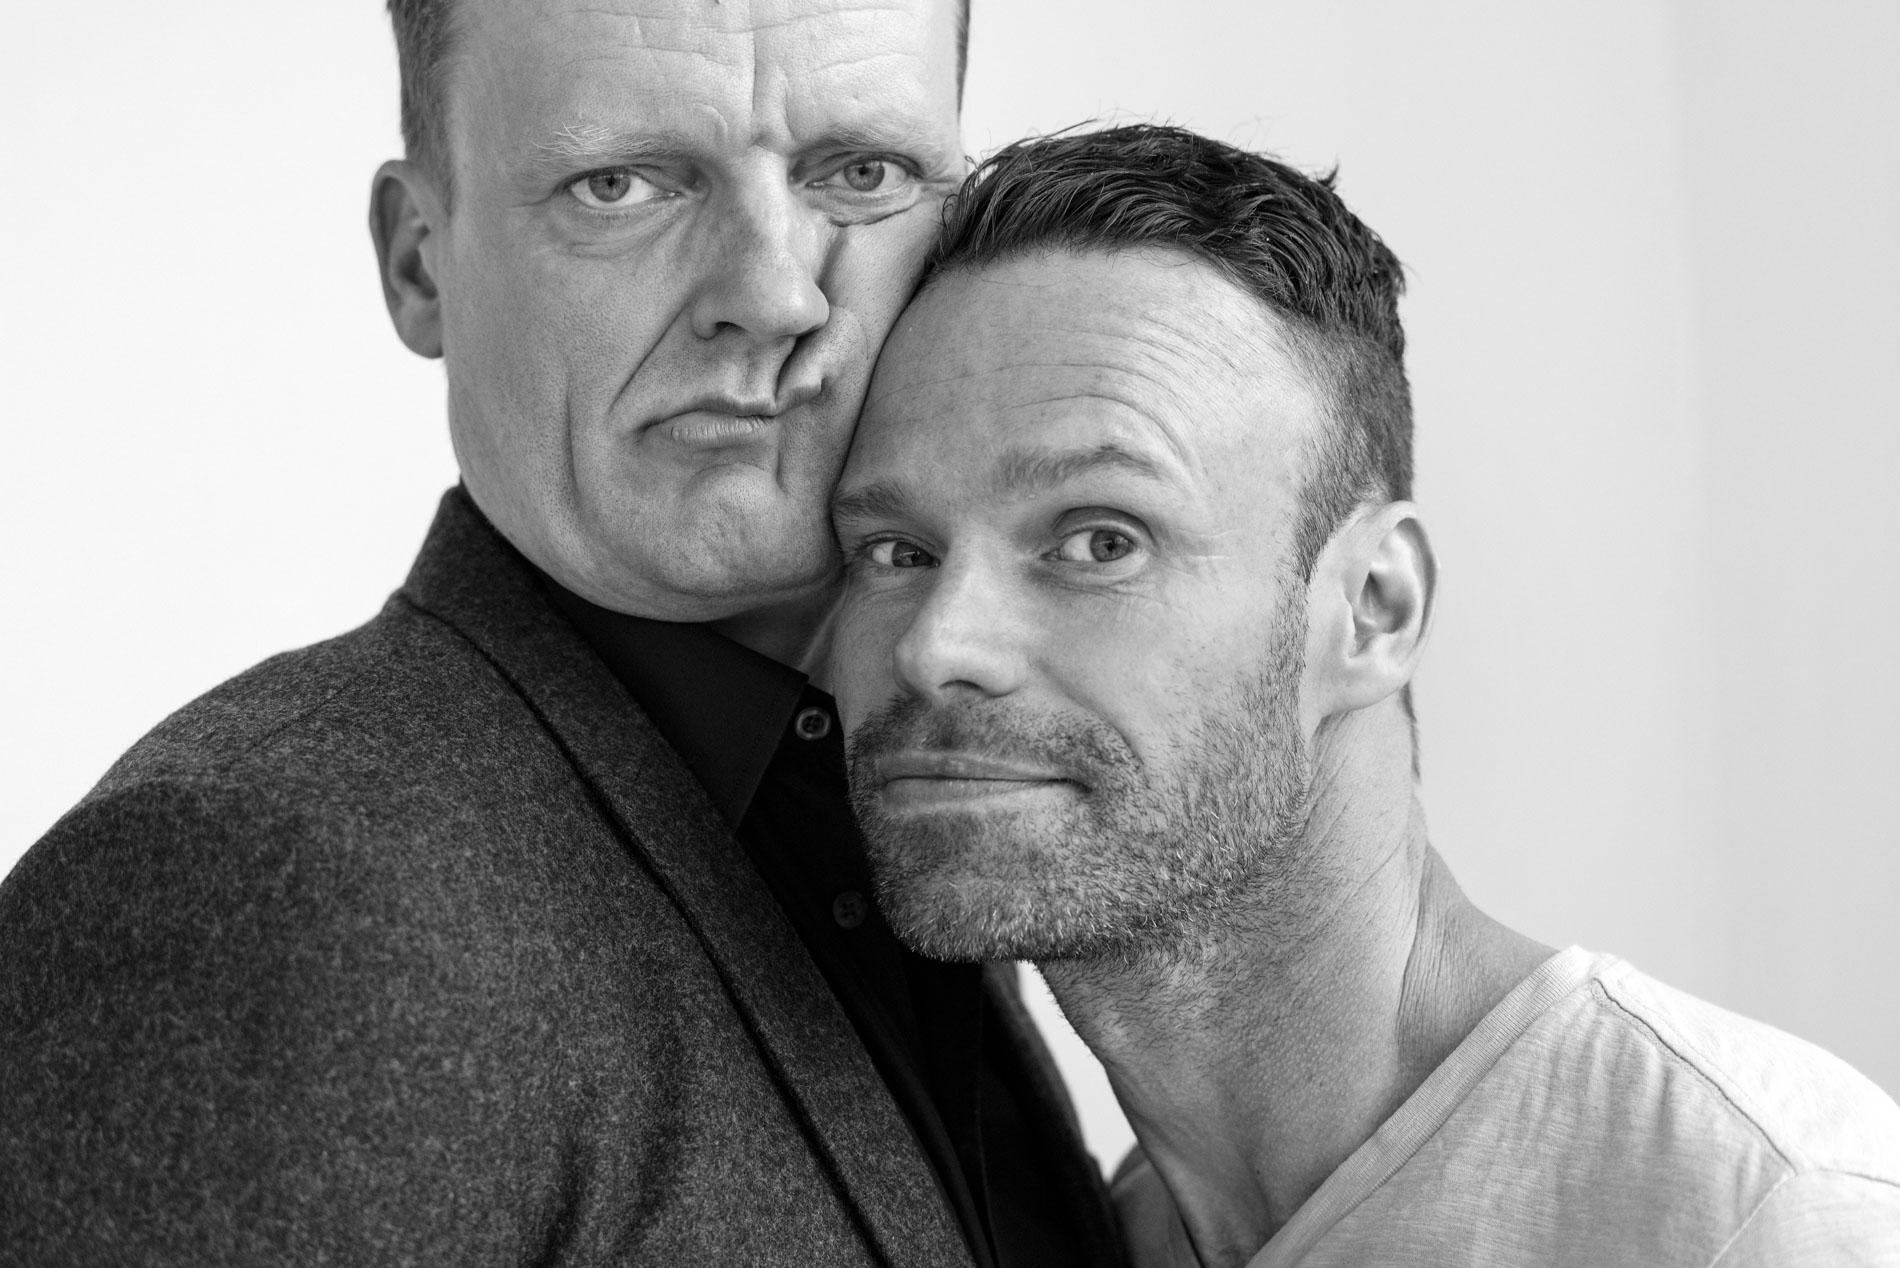 Det gode selskab: Frank Hvam og Mick Øgendahl i et forrygende, fandenivoldsk og sjovt show